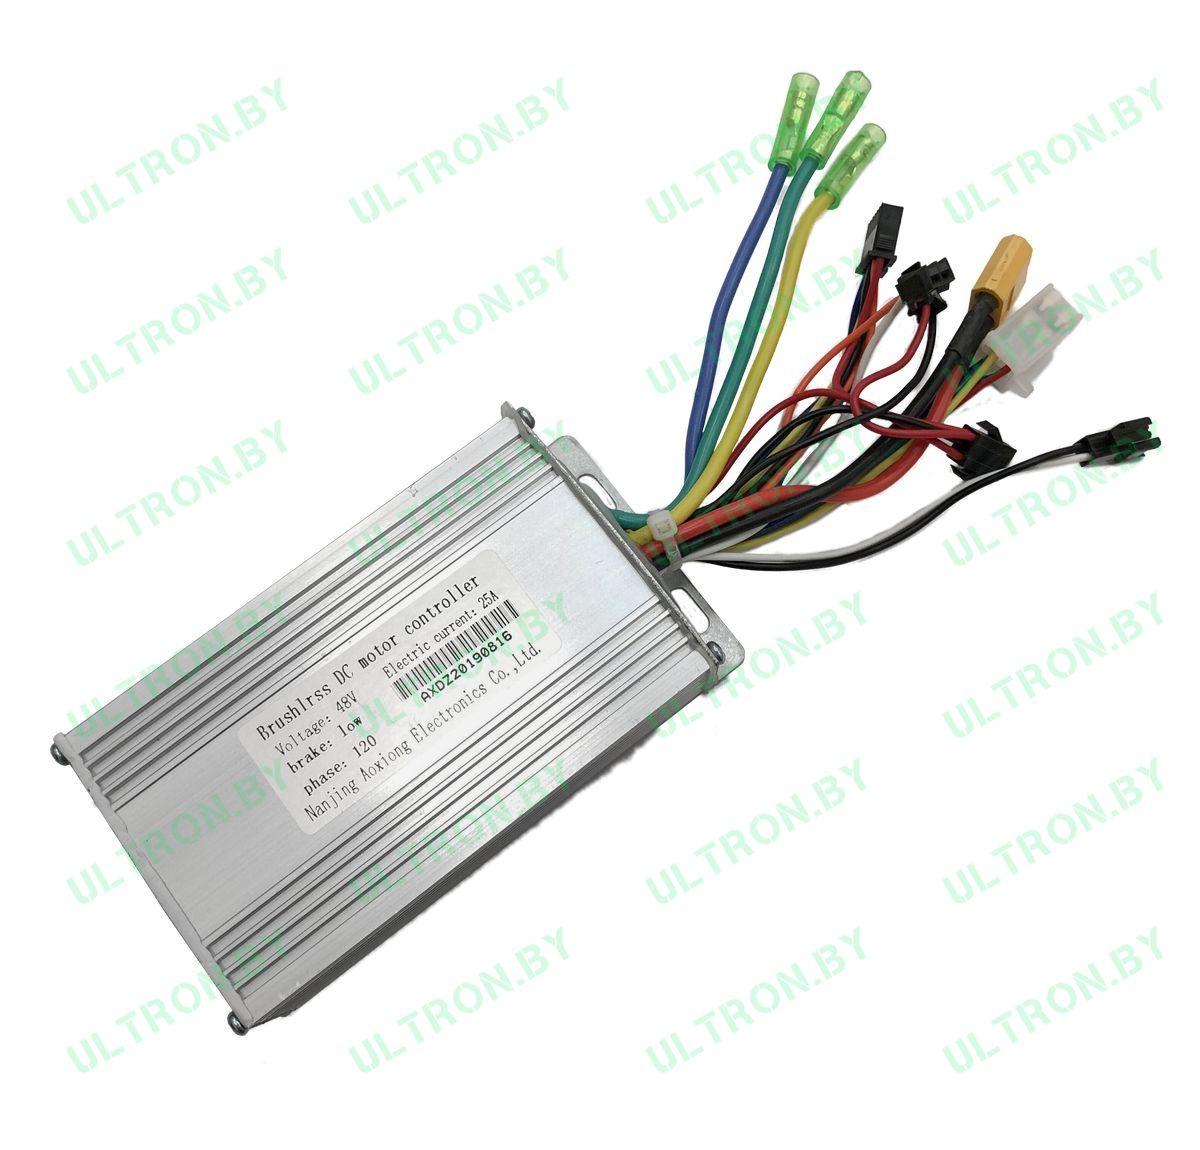 Контроллер 48V/25A для Ultron T103 (v. 2020)